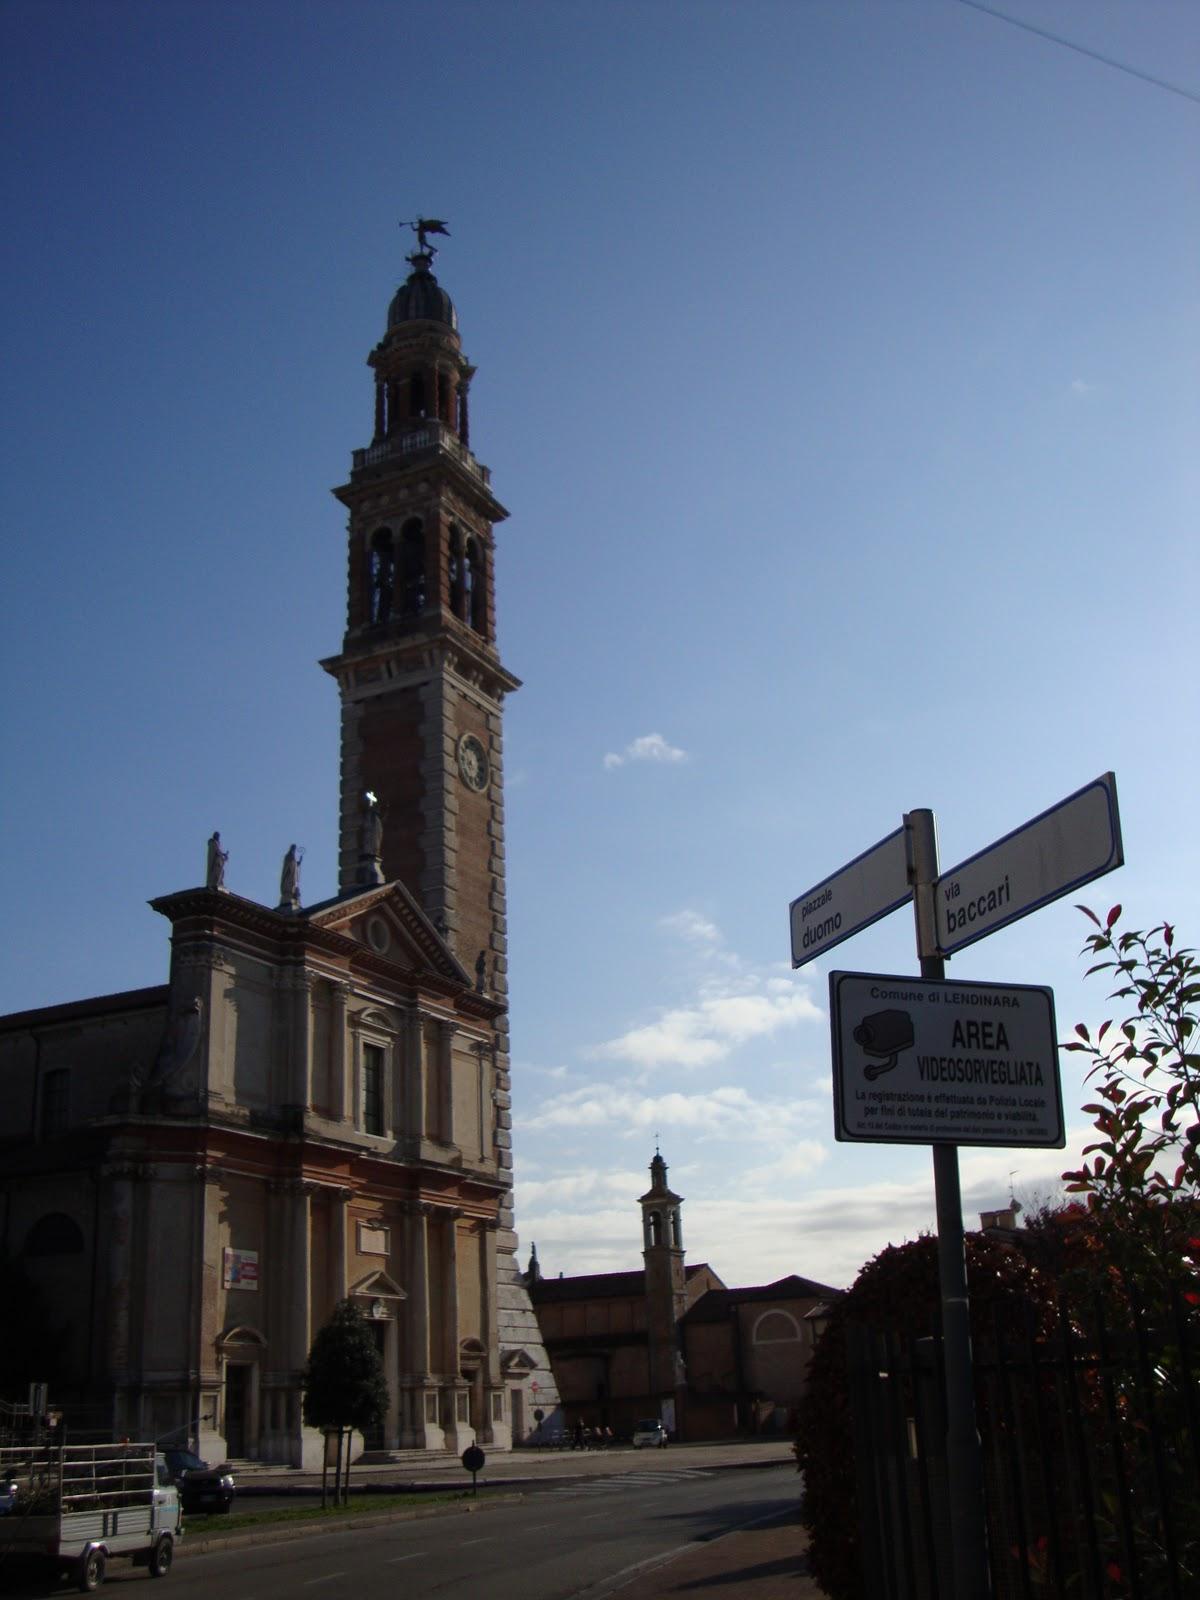 Arquitectura arte sacro y liturgia el signo en la ciudad for Arquitectura sacro